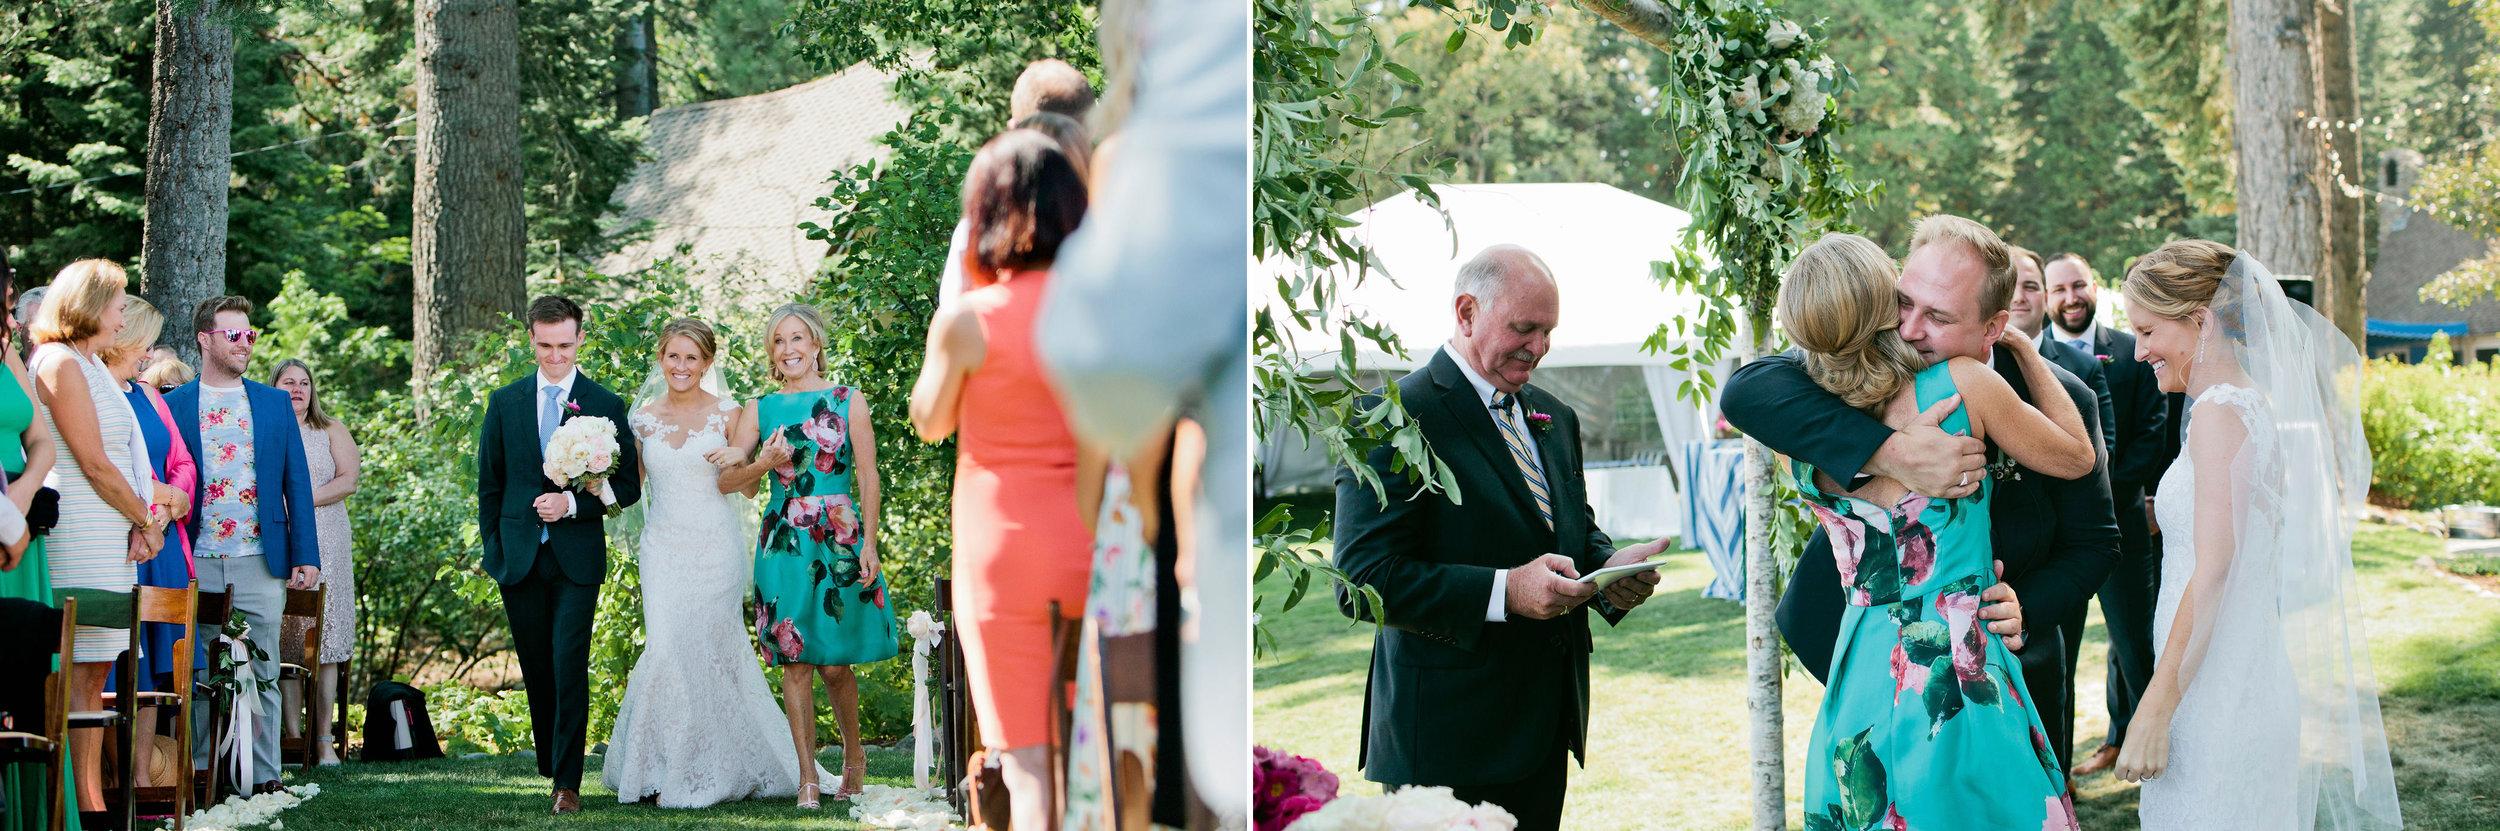 Tahoe-Summer-Wedding-040 copy.jpg